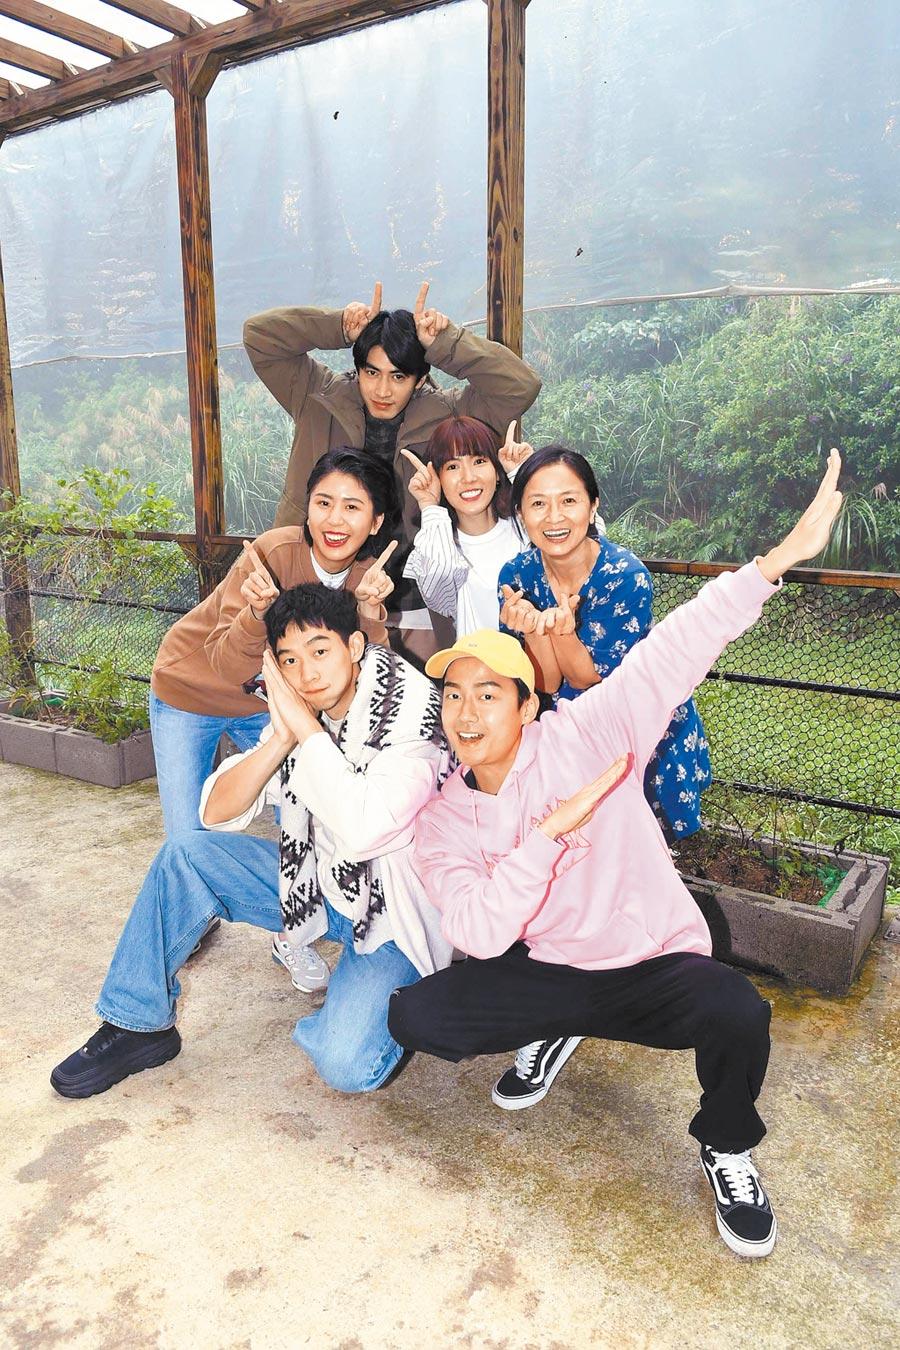 王可元(前排左起)、大鶴、陳璇(中排左起)、孫可芳、謝瓊煖、宋柏緯(後)昨在金山生態農場拍戲。(華視提供)